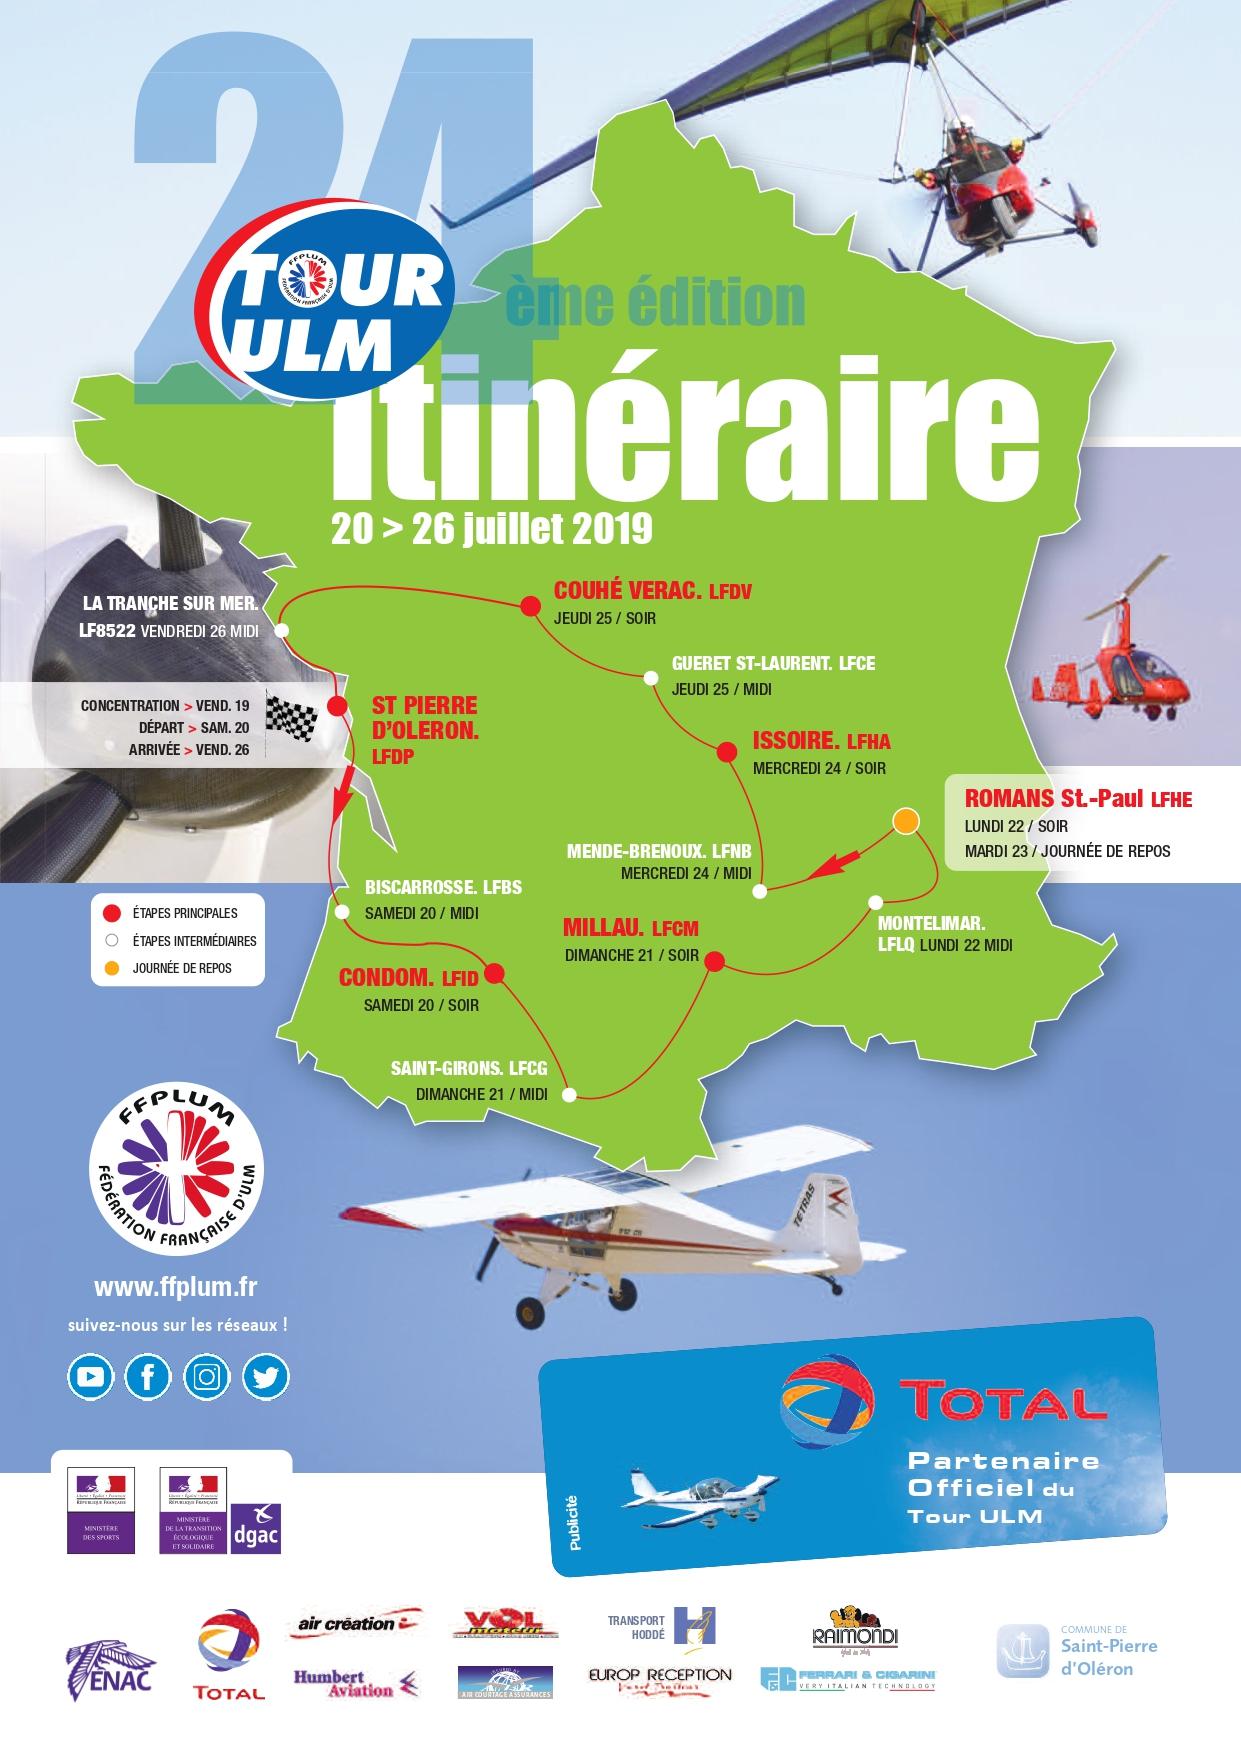 Parcours Tour ULM 2019 Fédération Française ULM